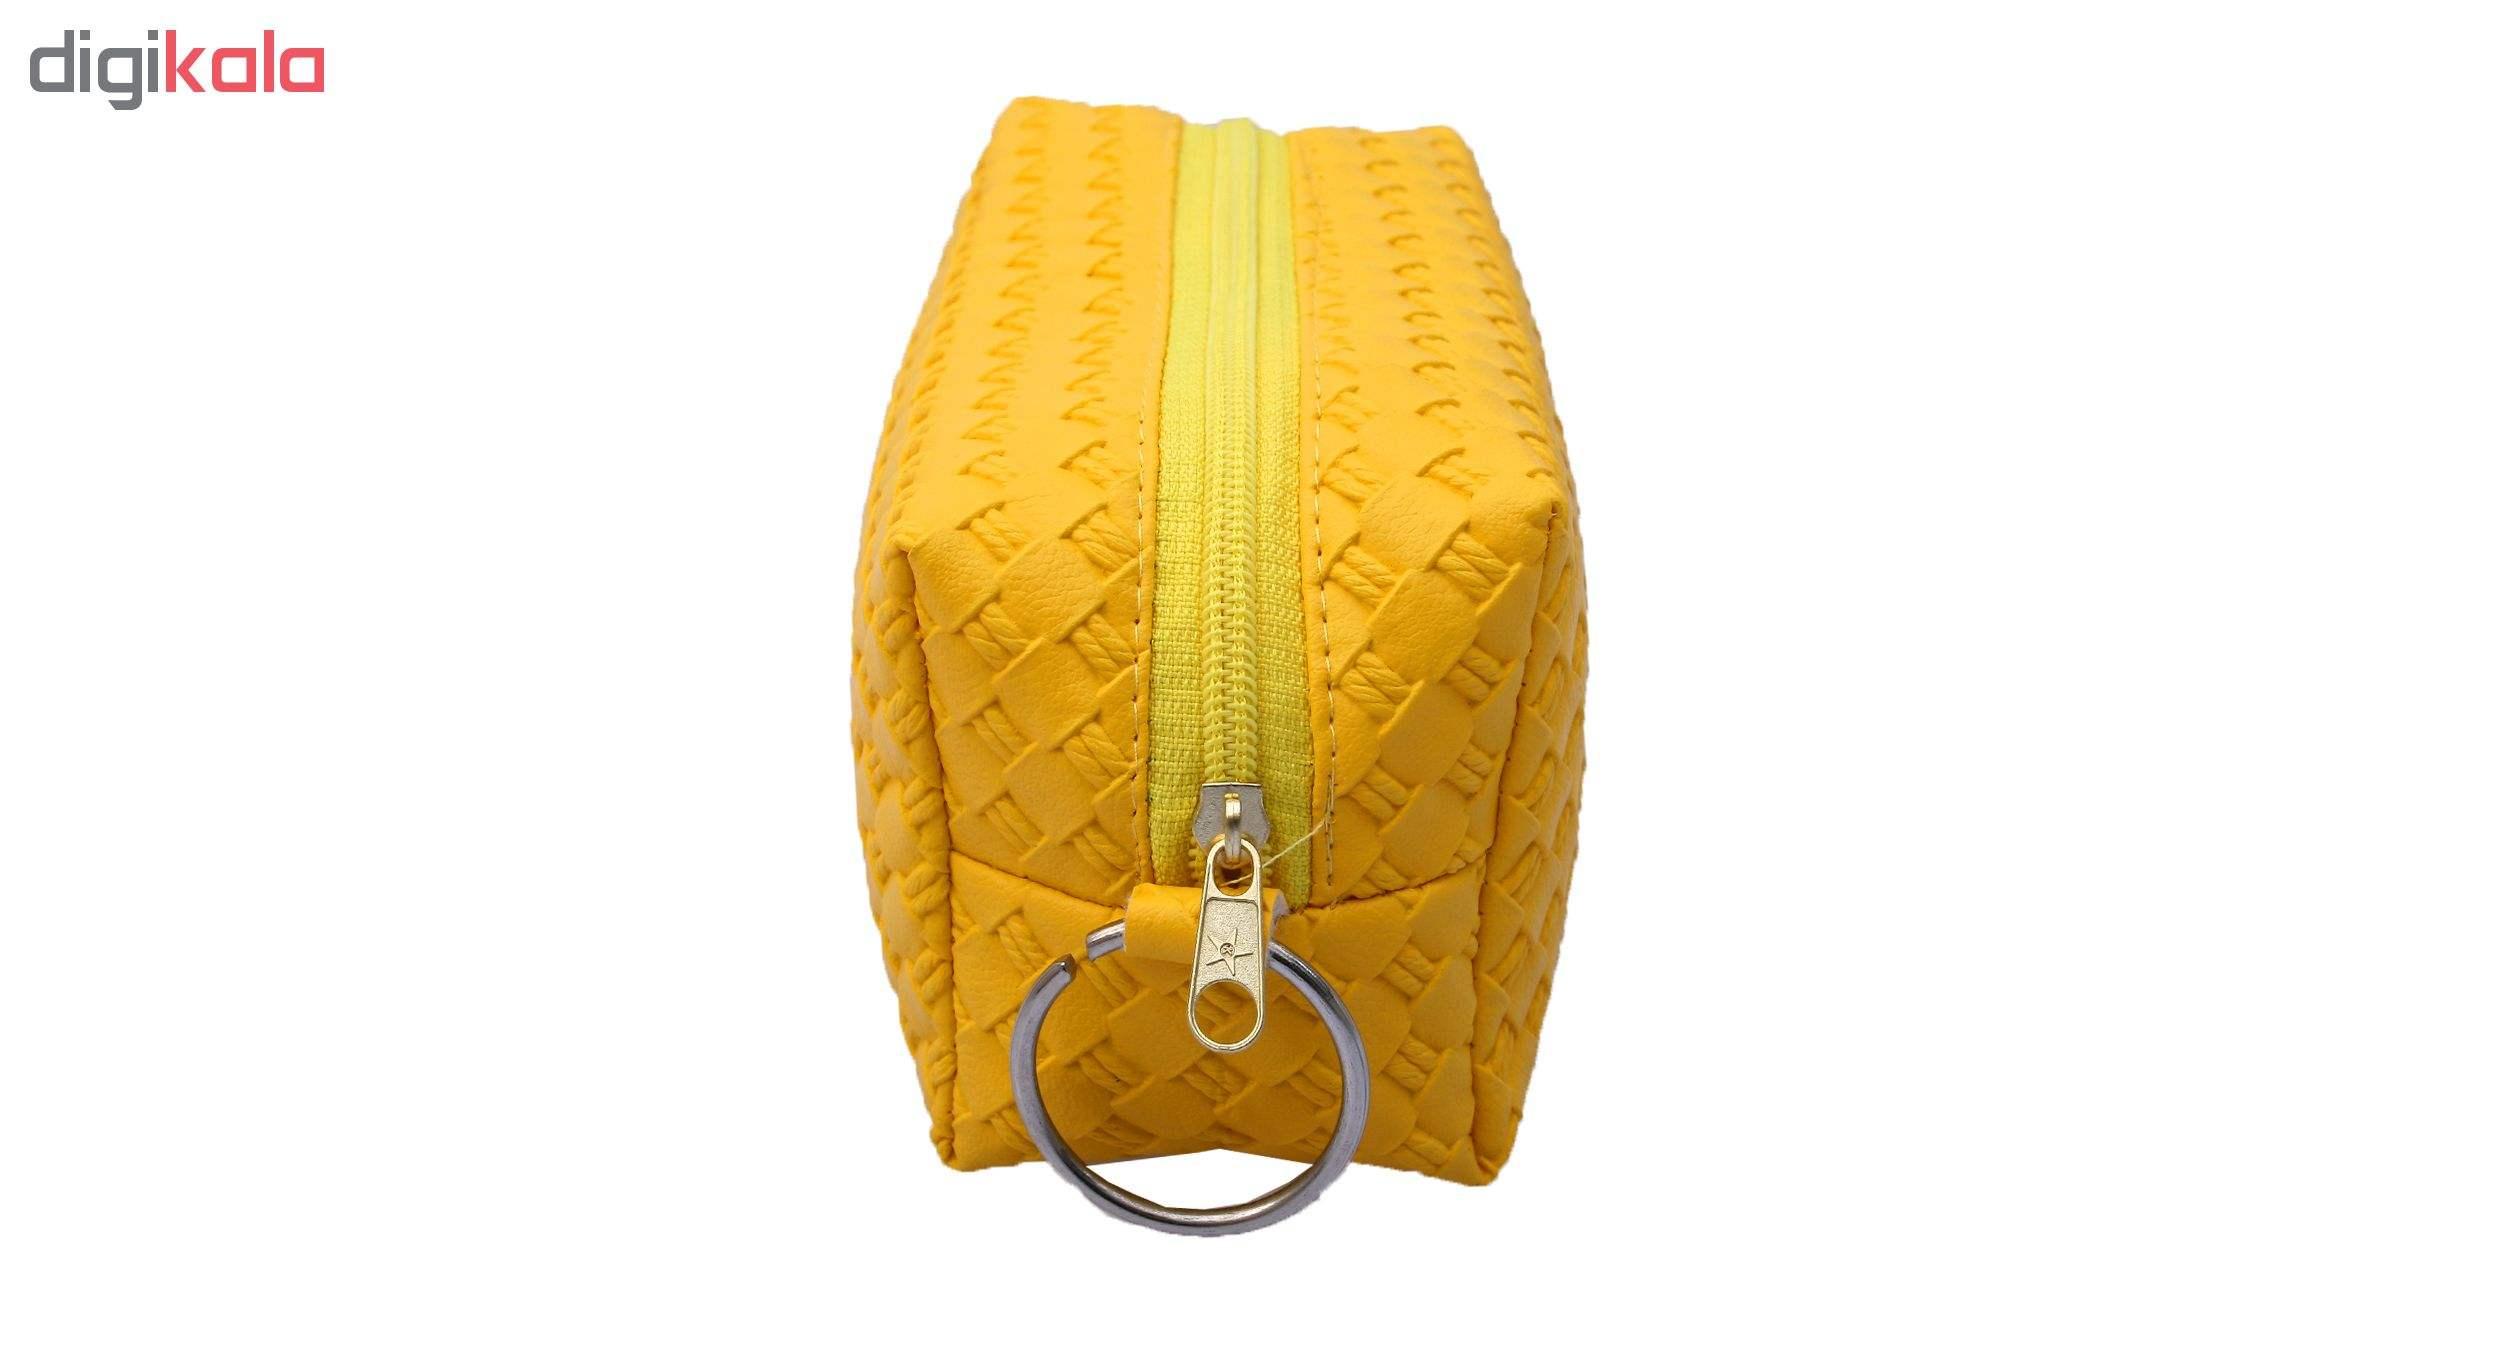 کیف لوازم آرایش کد GT0103 main 1 5